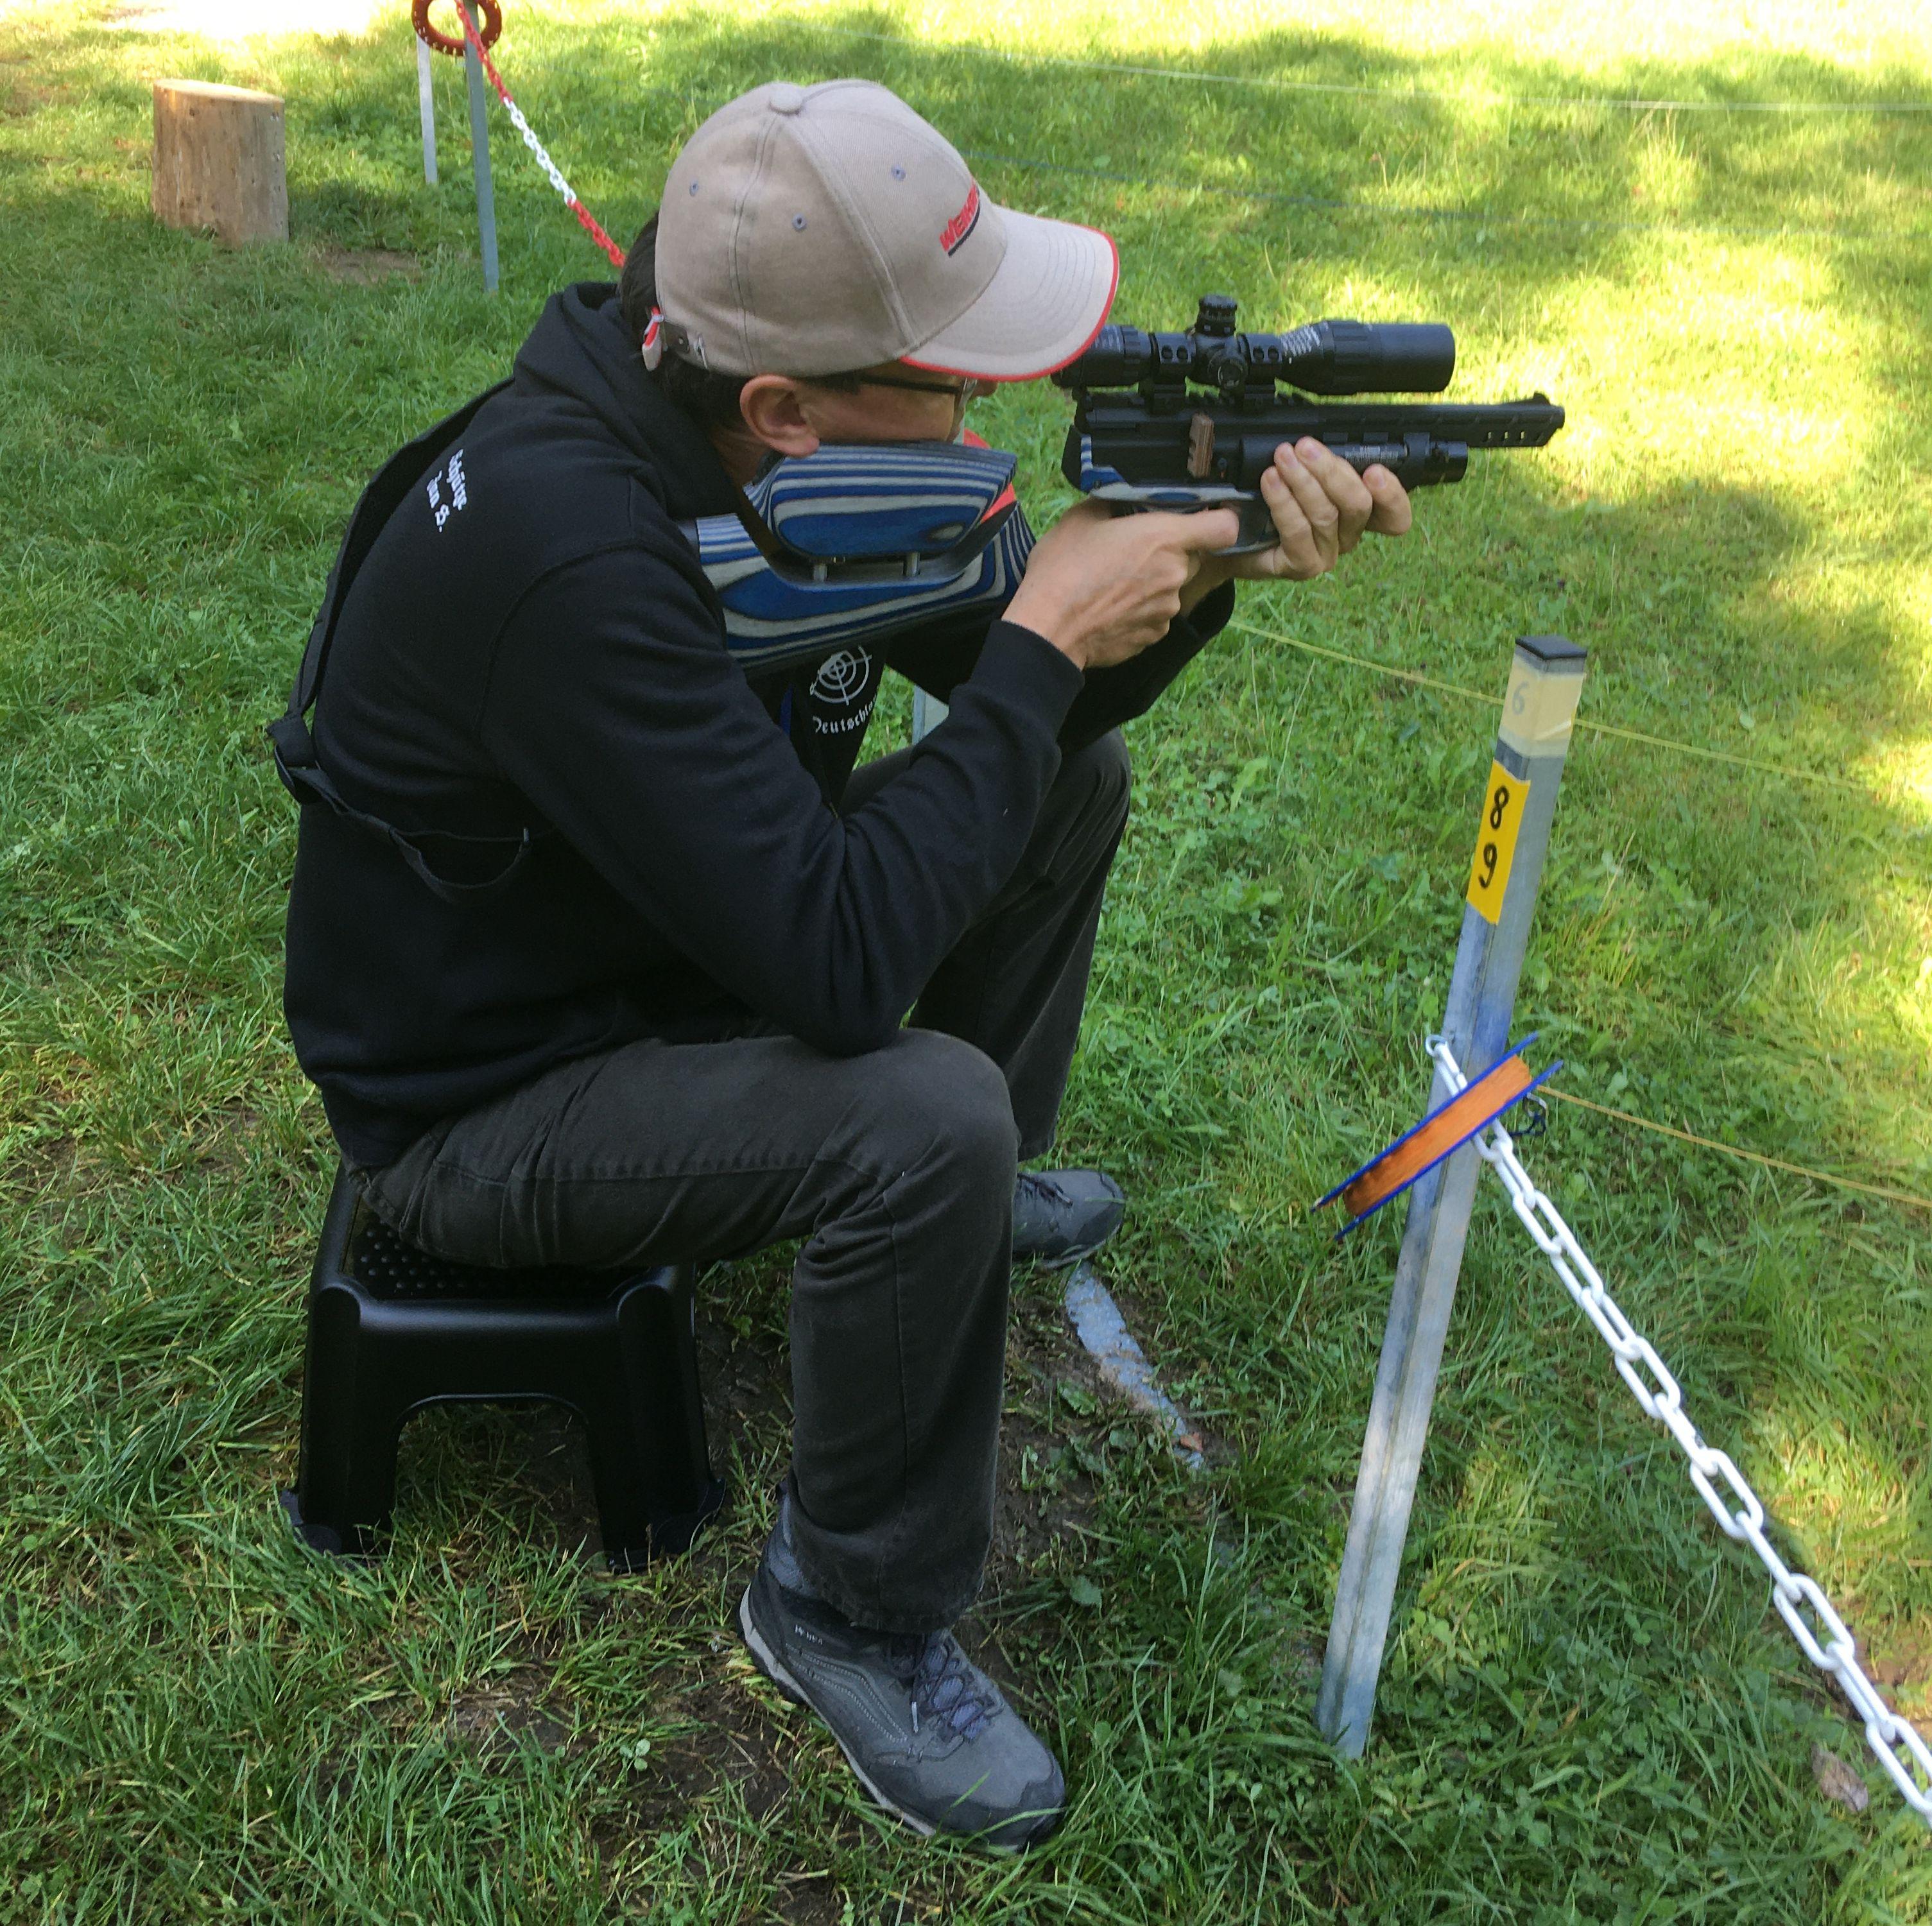 Luftpistole HW 44 im Kaliber 4,5mm / F